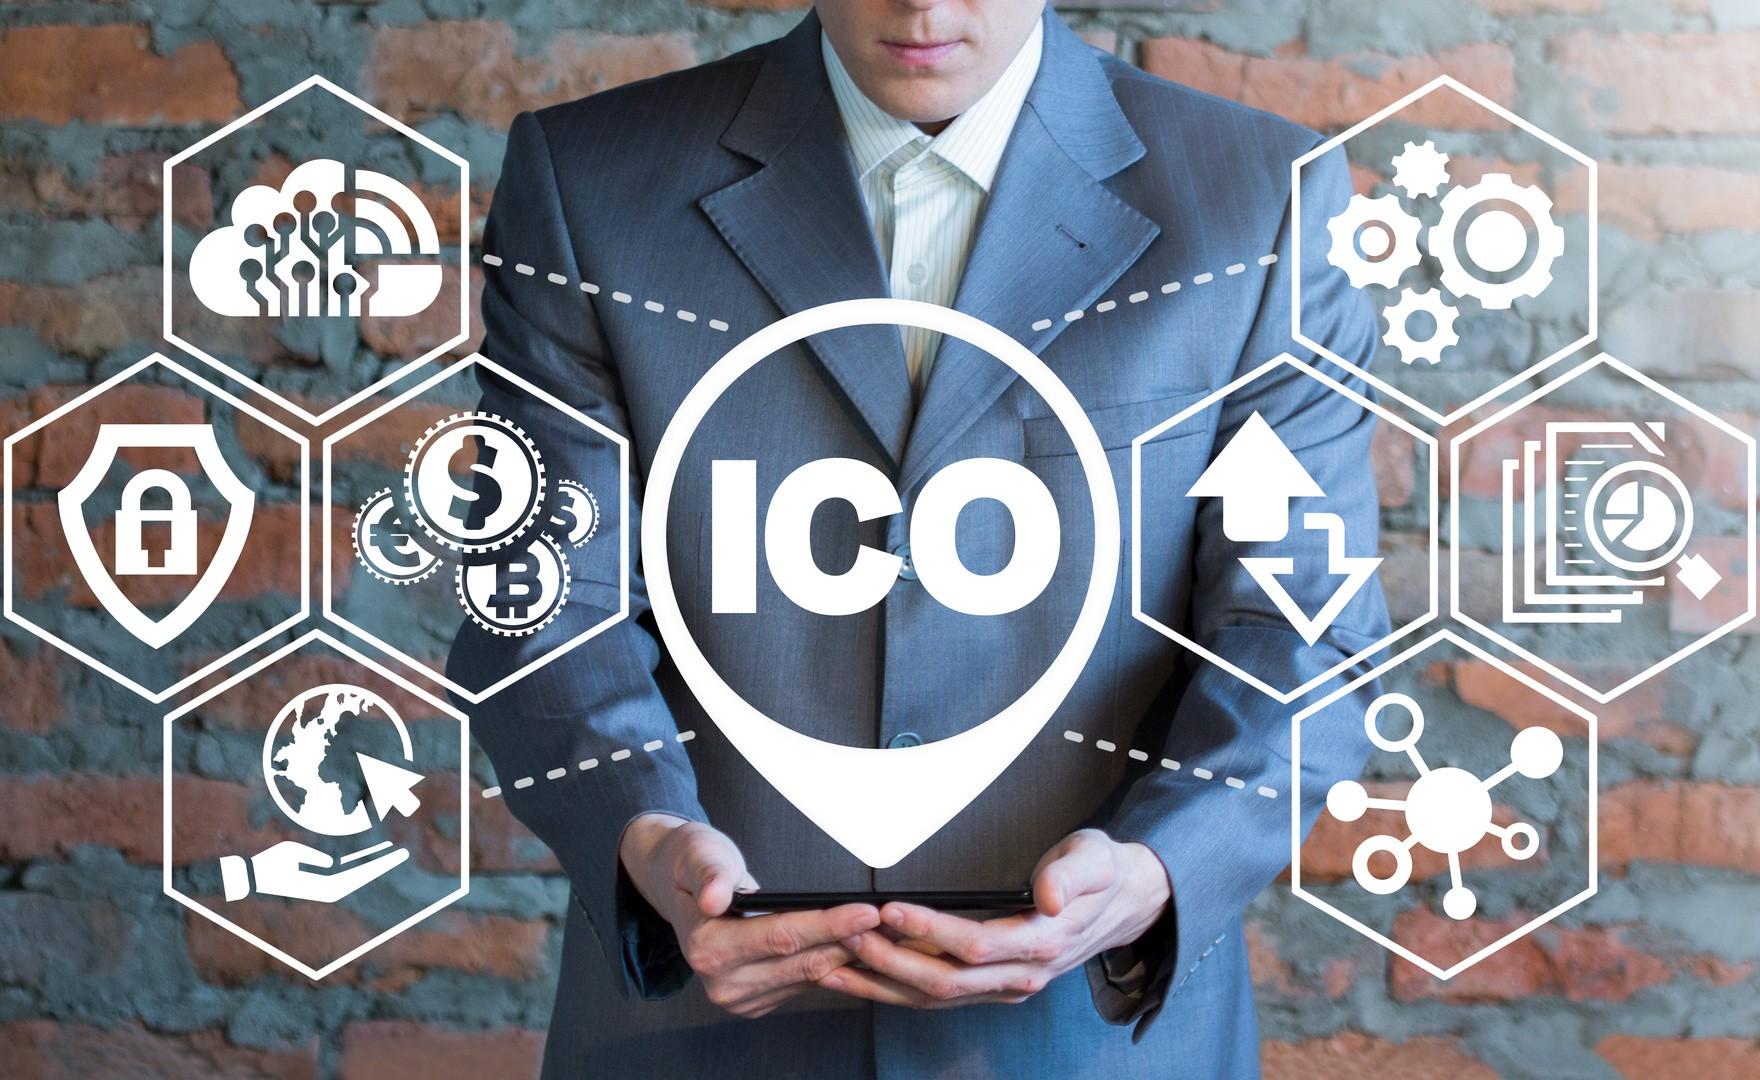 ¿Cuáles son los beneficios de invertir en una ICO?